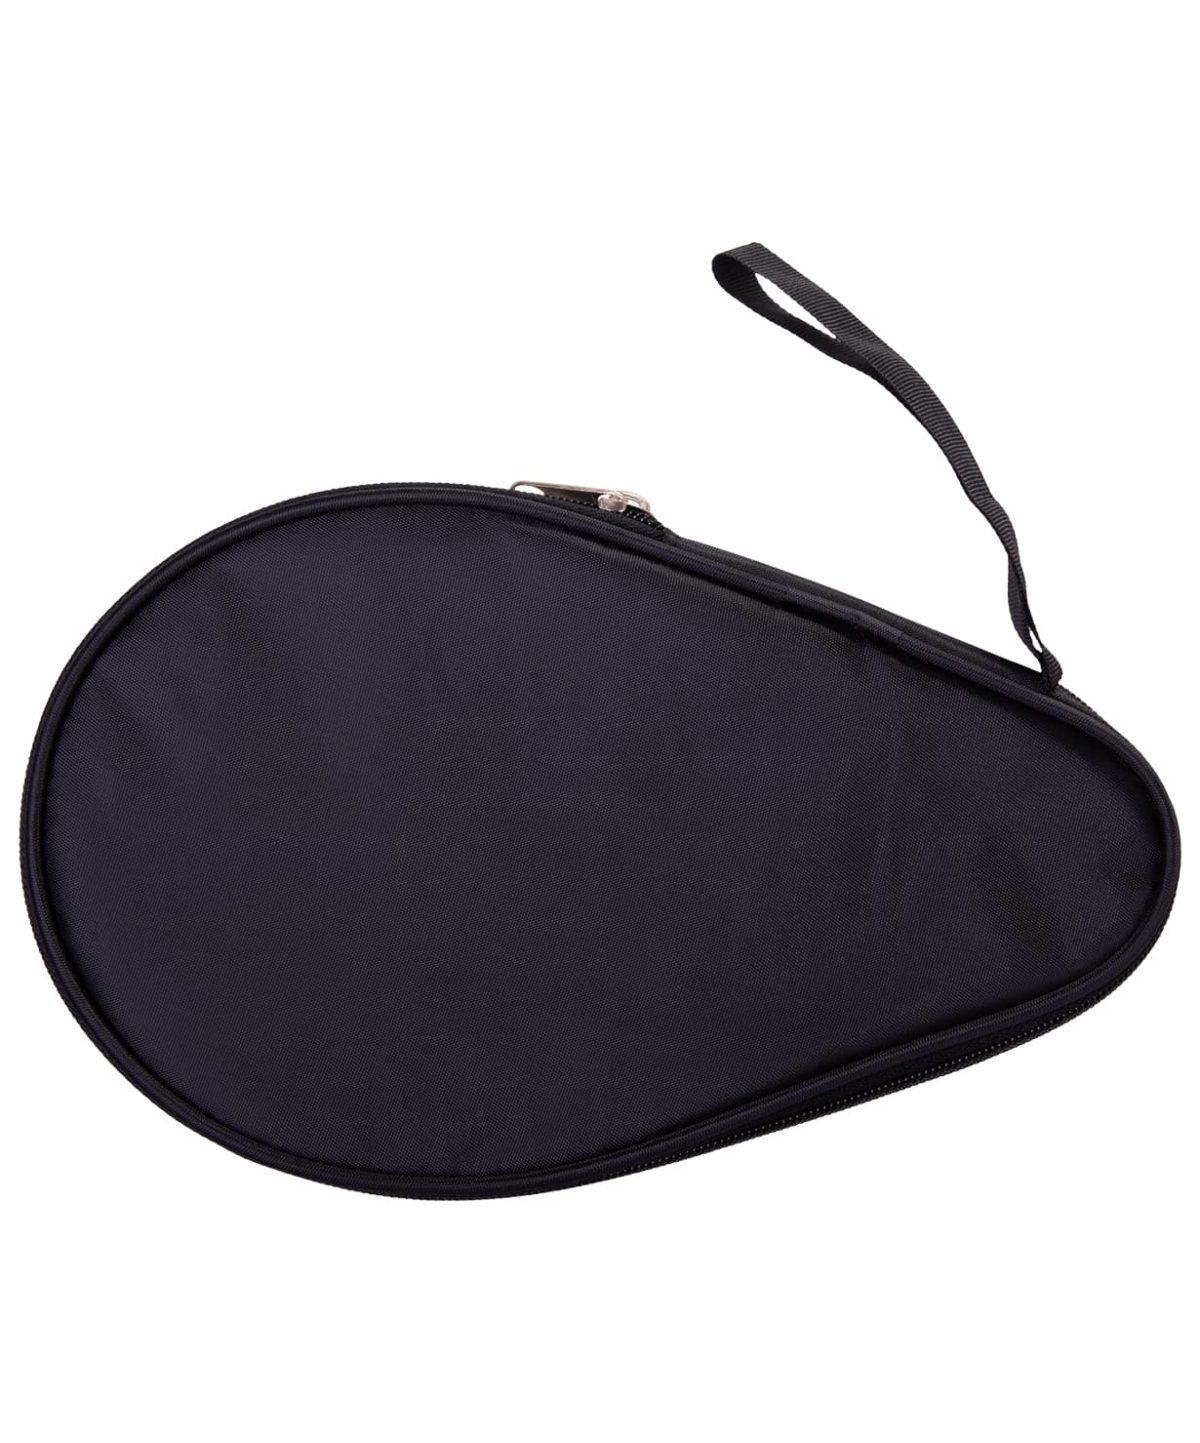 STURM Чехол для ракетки для настольного тенниса  CS-02: черный/прозрачный - 3